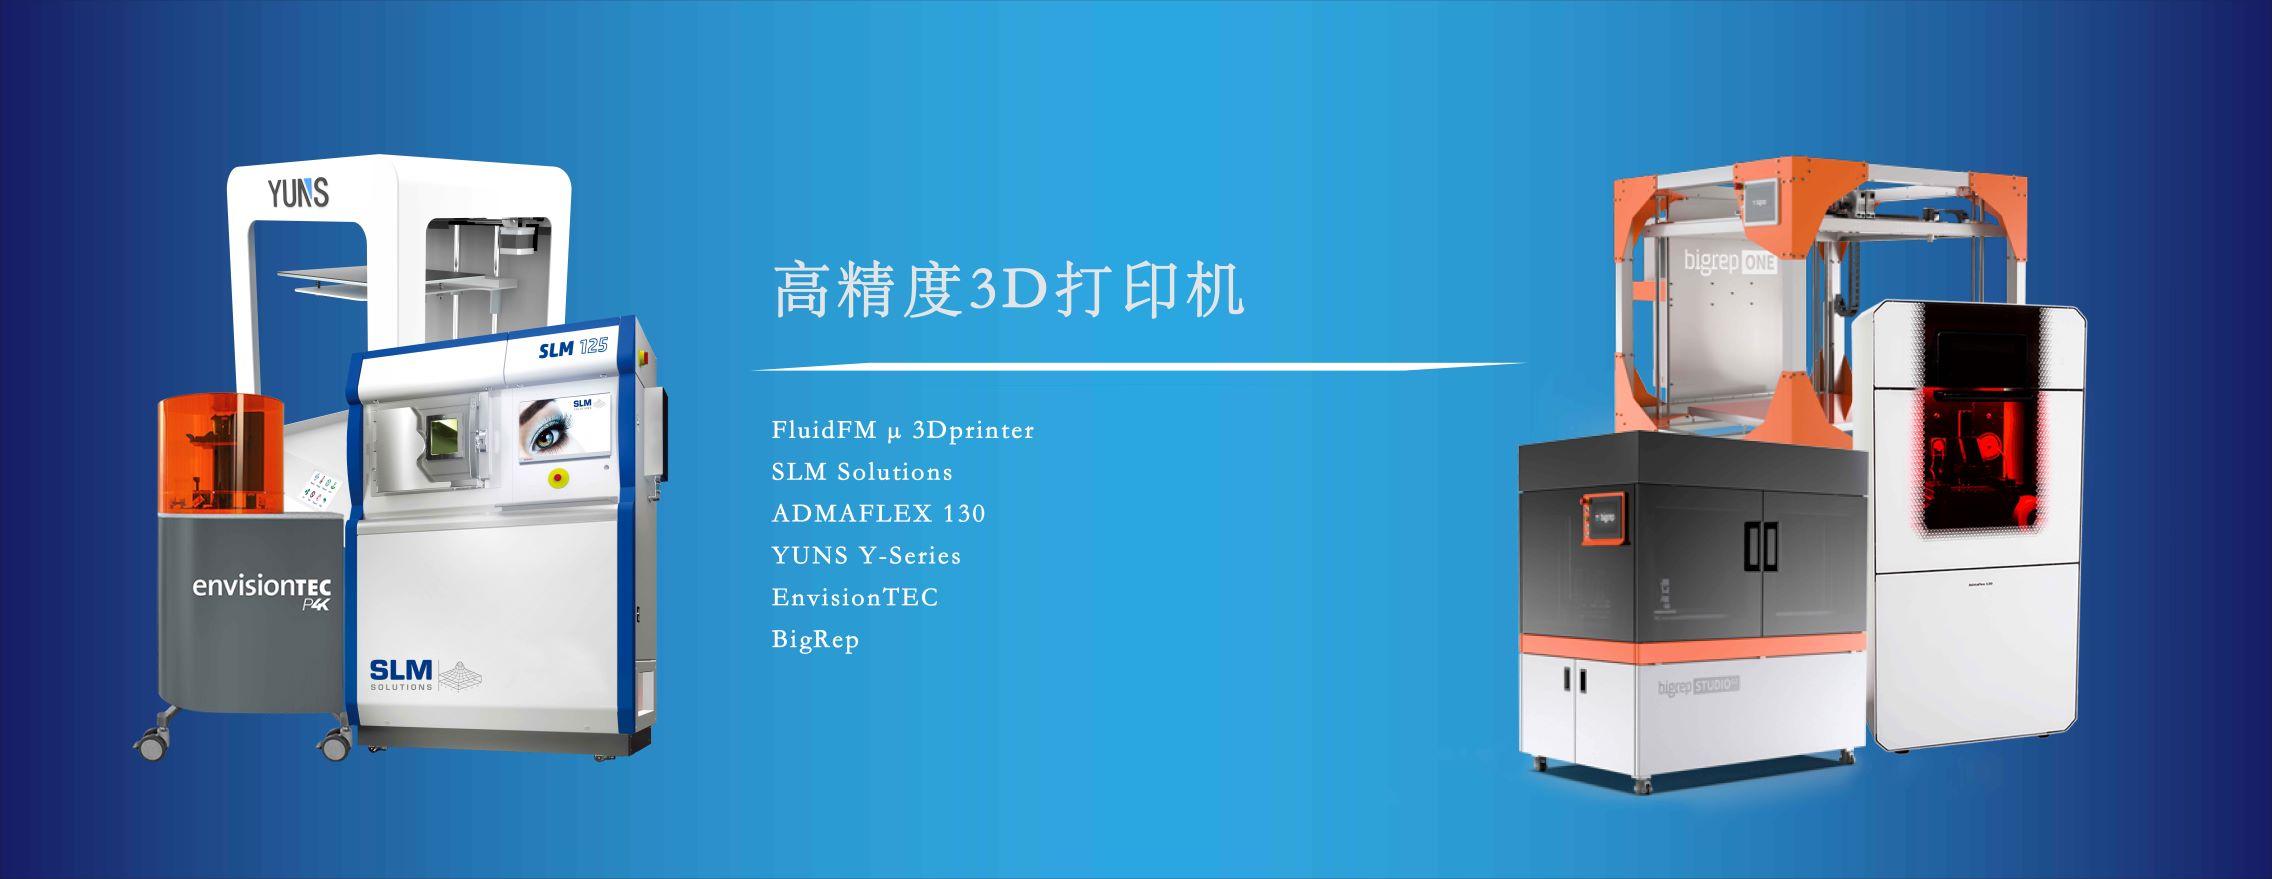 主页-打印机1